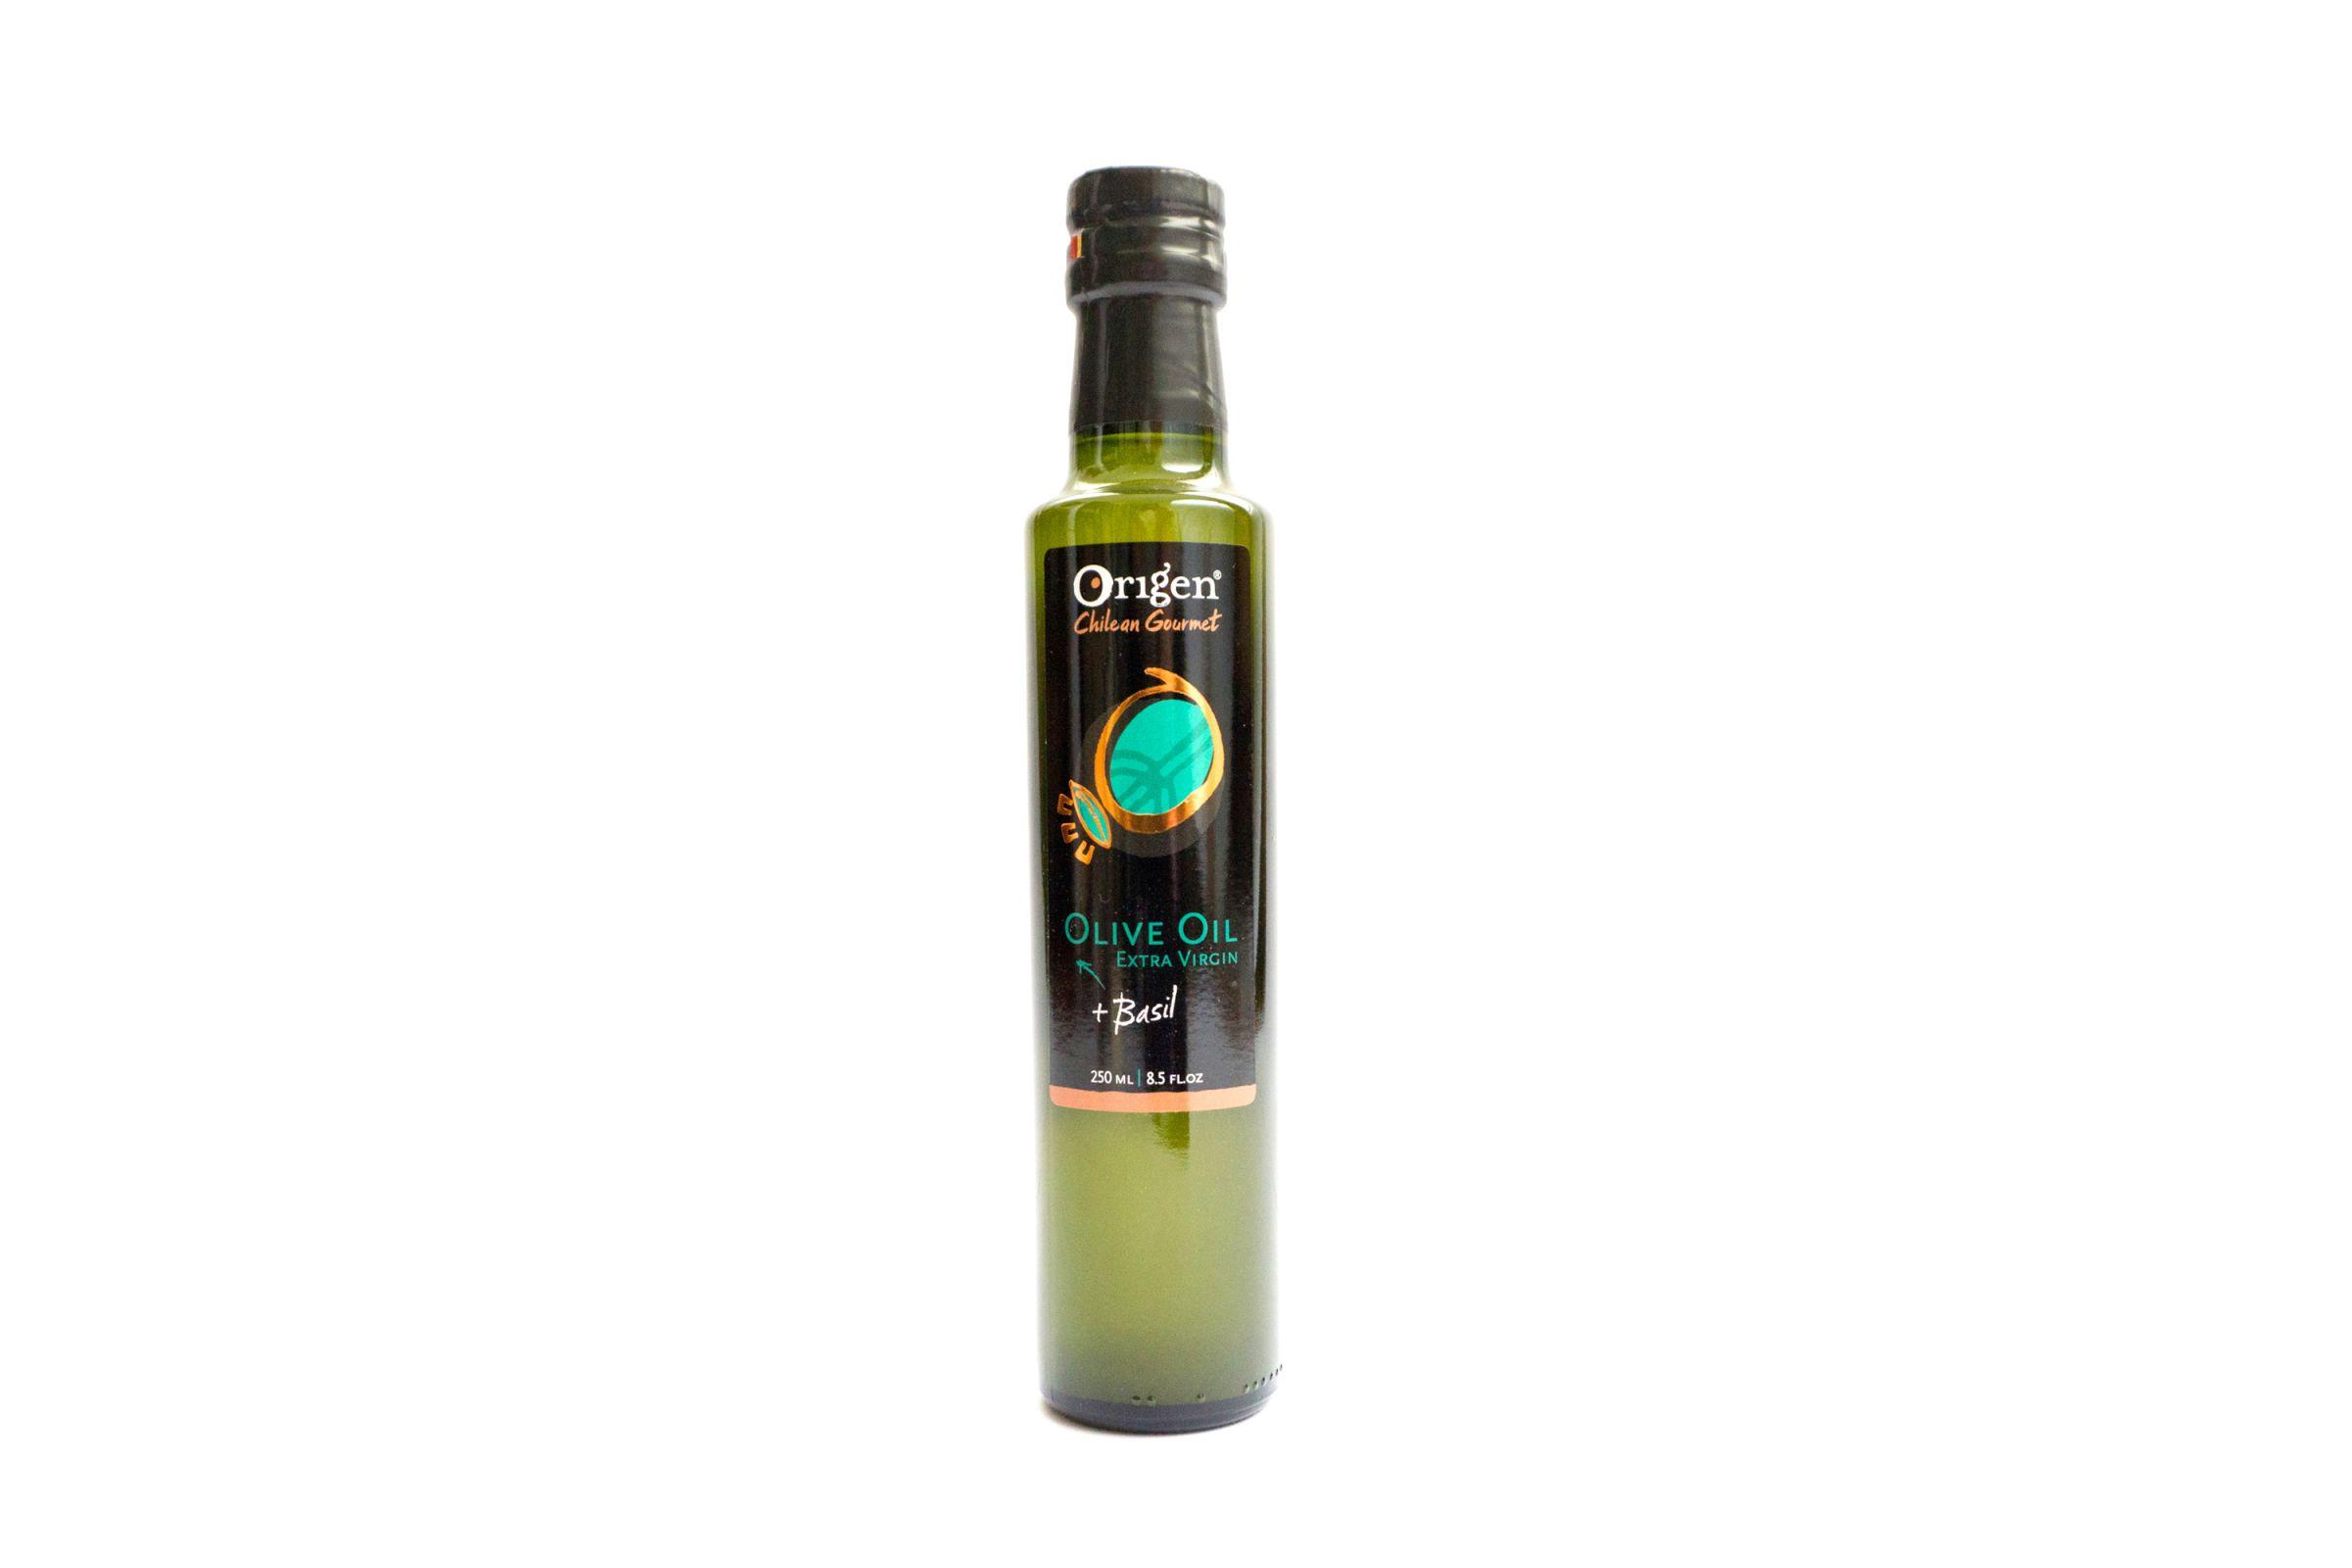 - ACEITE DE OLIVA CON ALBAHACA ORIGEN 250 ML -